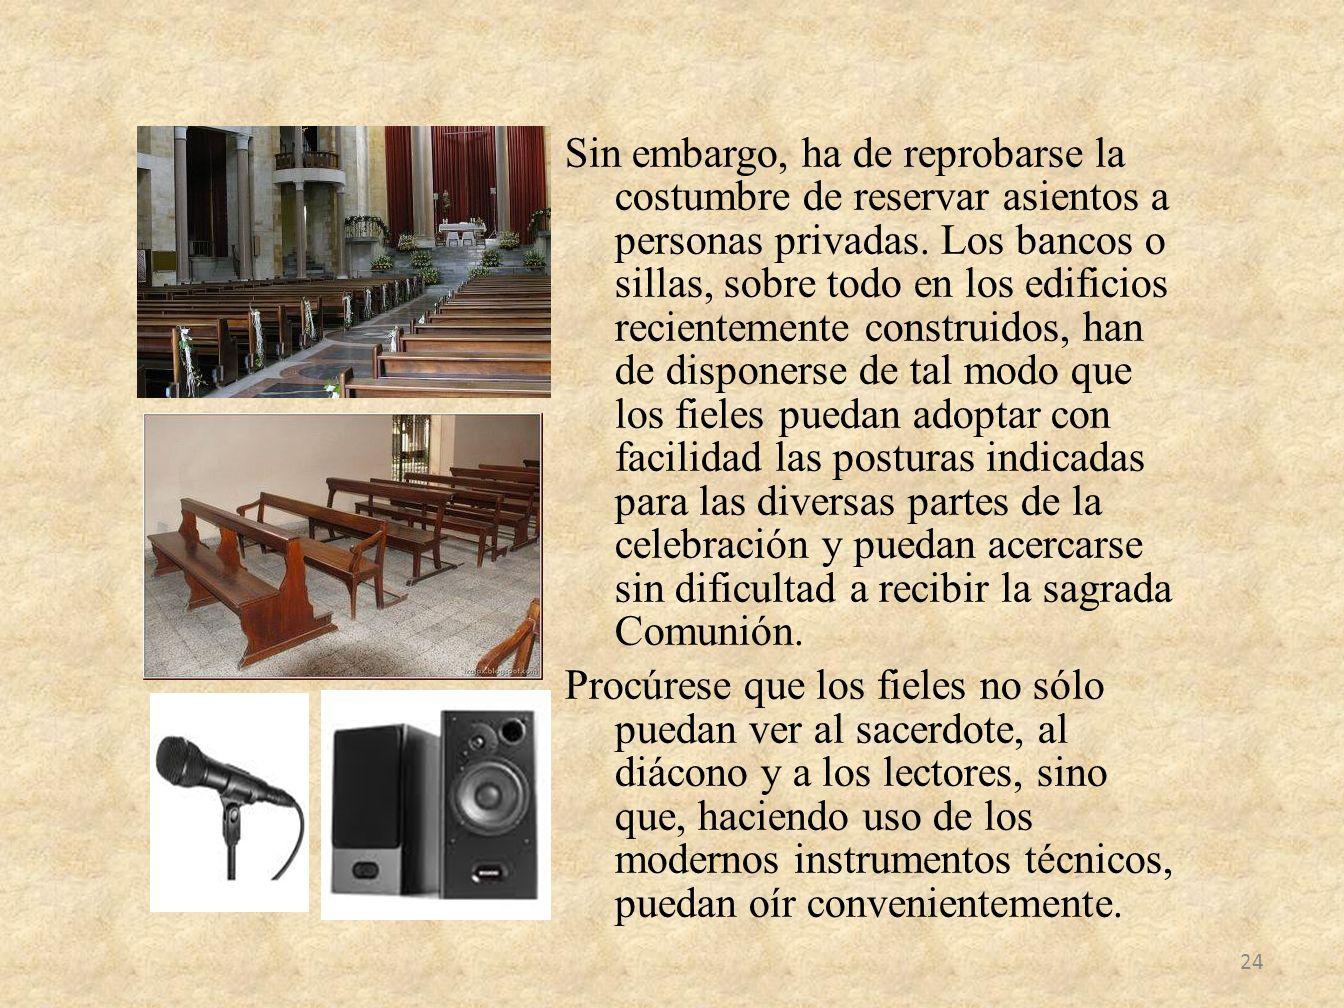 Sin embargo, ha de reprobarse la costumbre de reservar asientos a personas privadas.